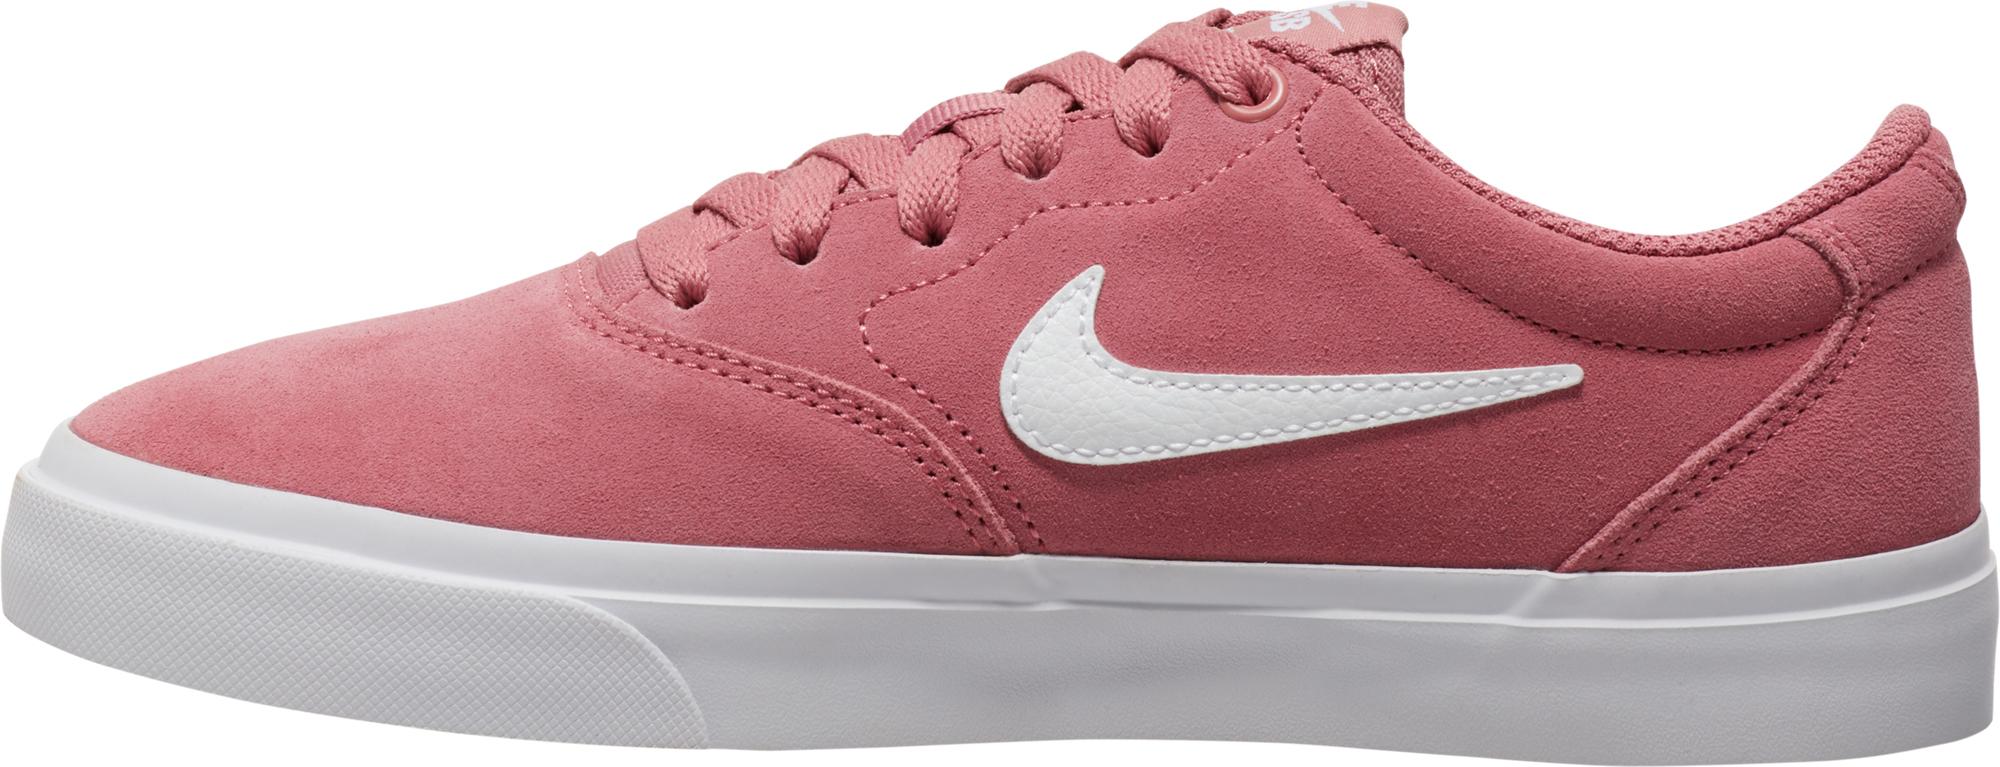 цена Nike Кеды женские Nike WMNS Sb Charge Suede, размер 37.5 онлайн в 2017 году